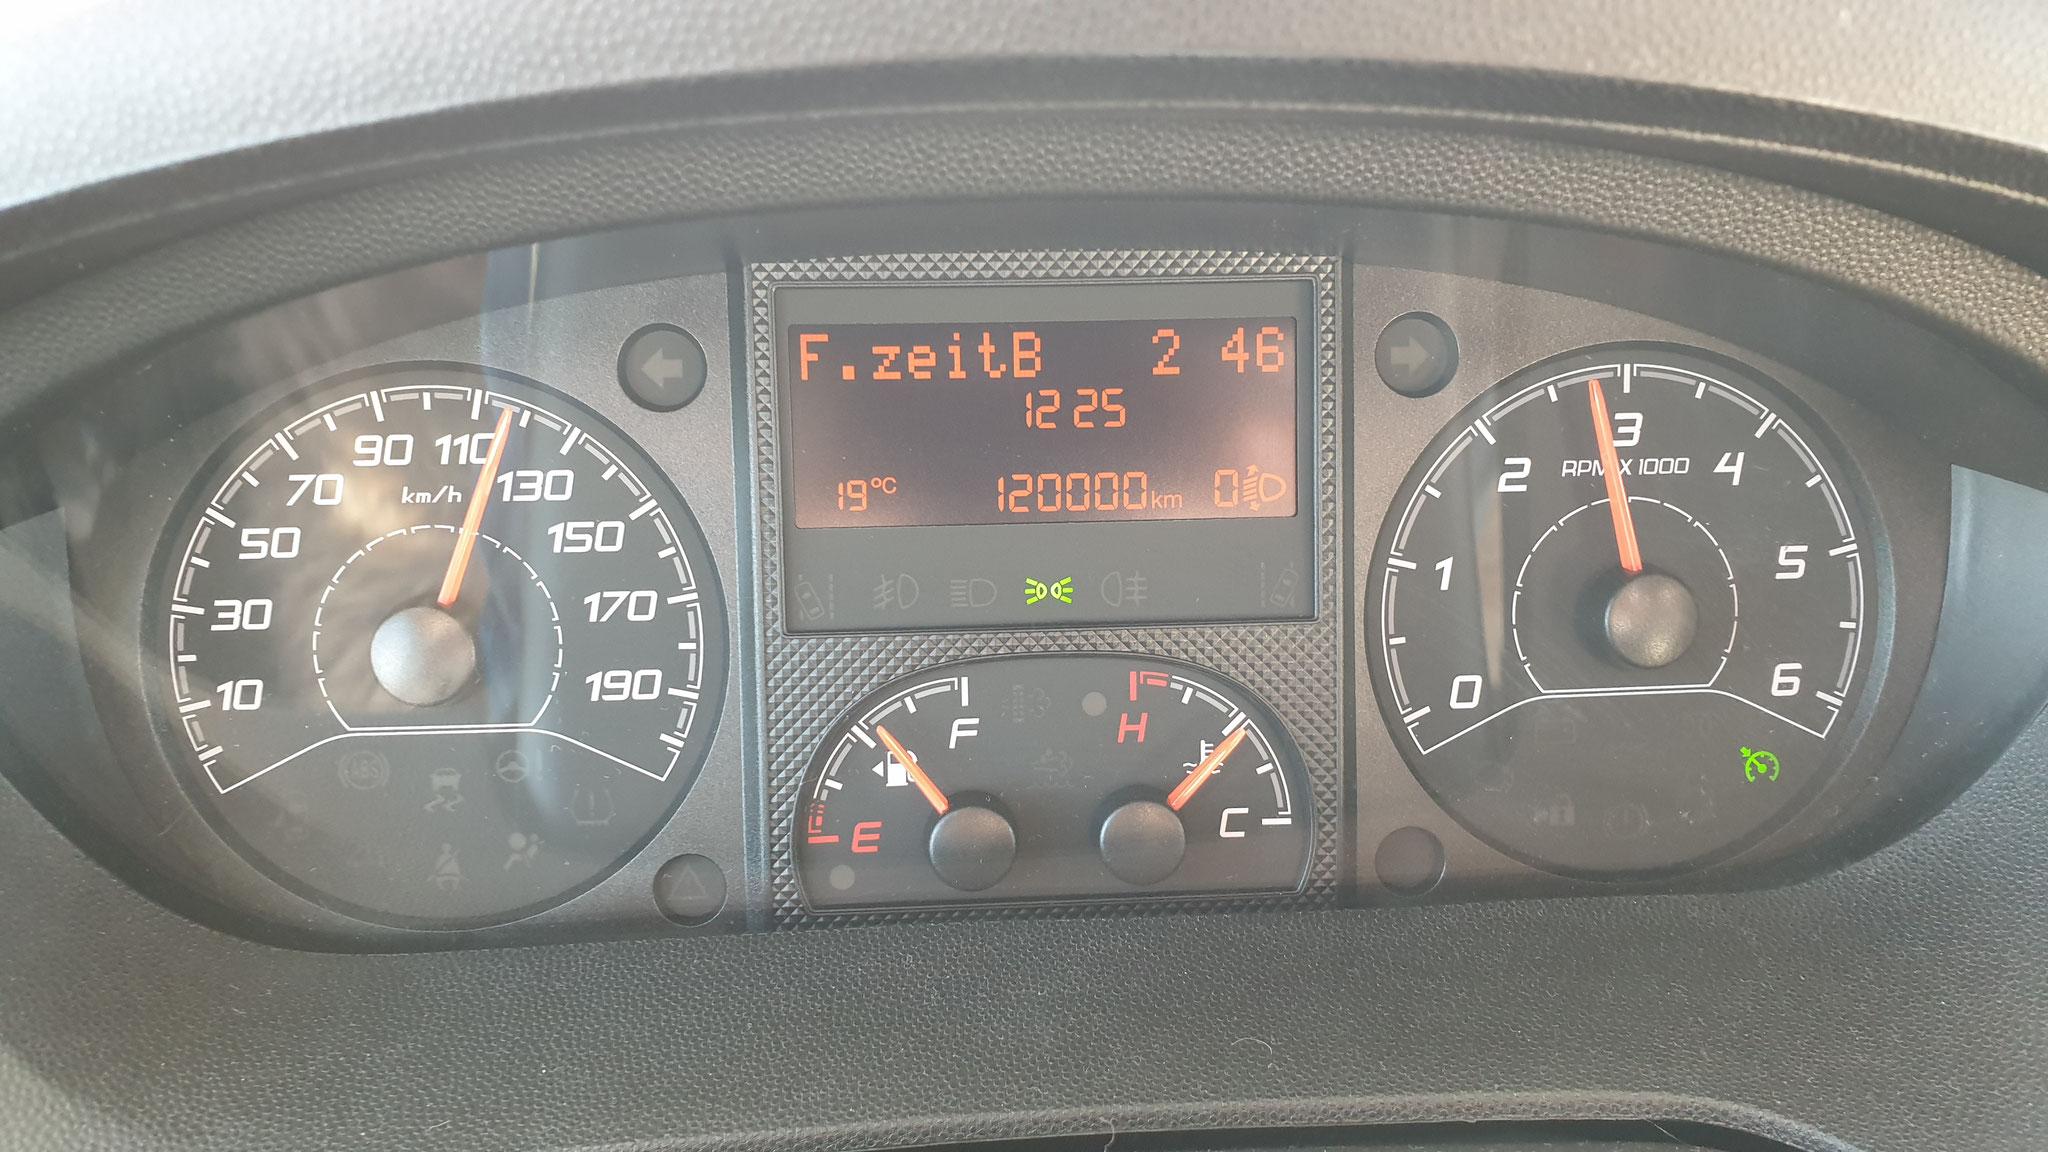 120'000 km und 19 Grad